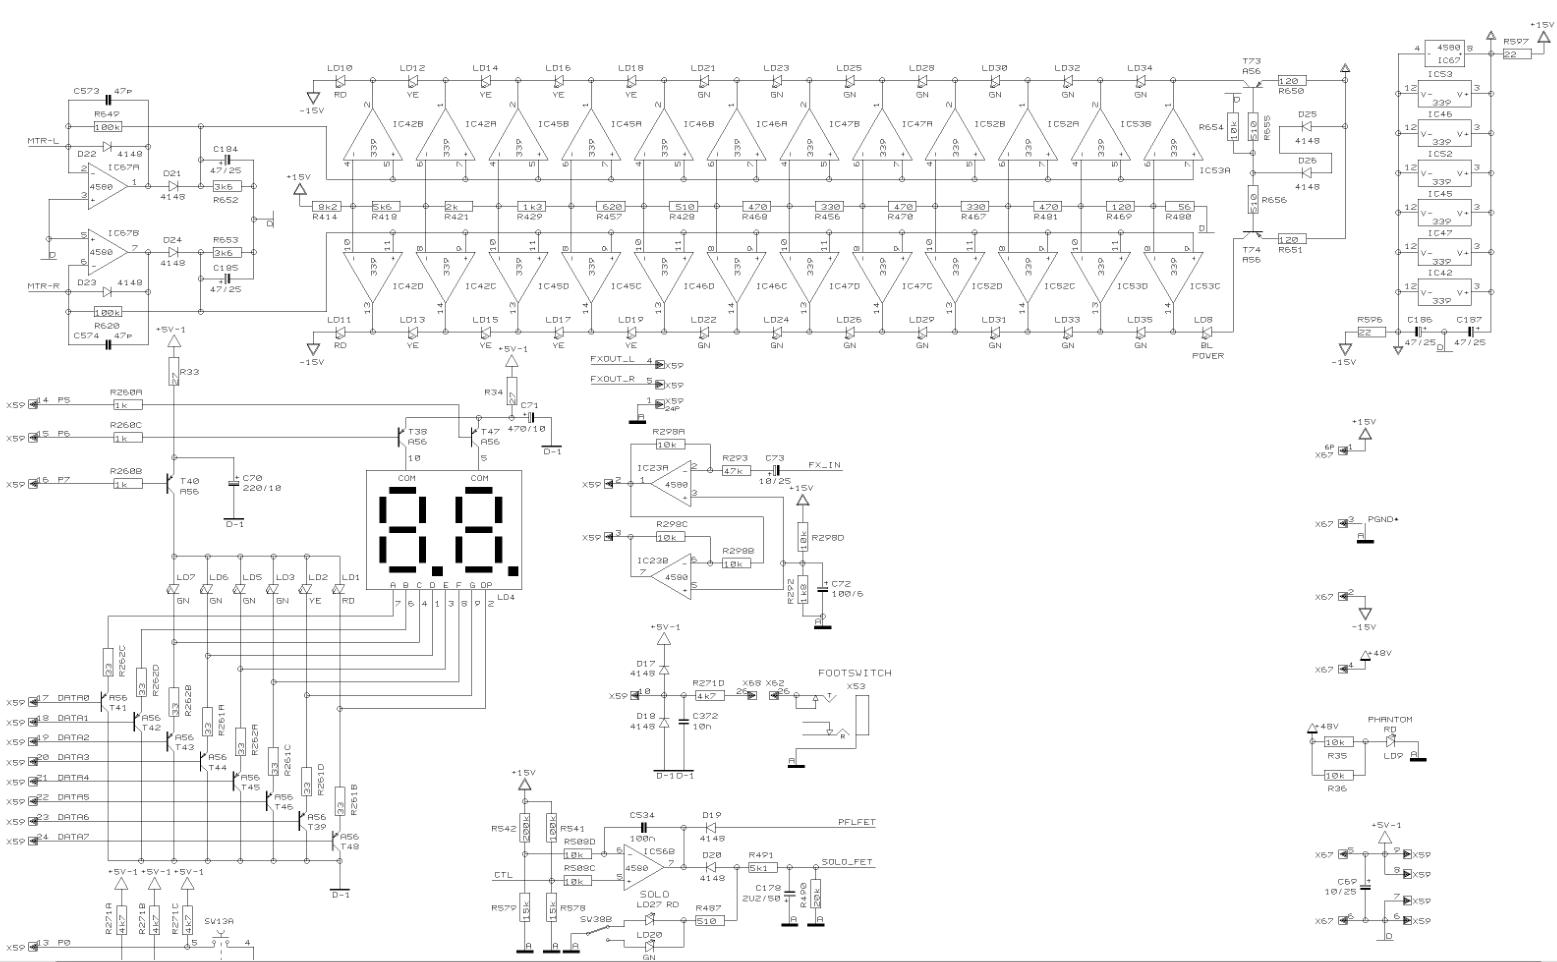 Behringer X2222FX vu-meters schematics